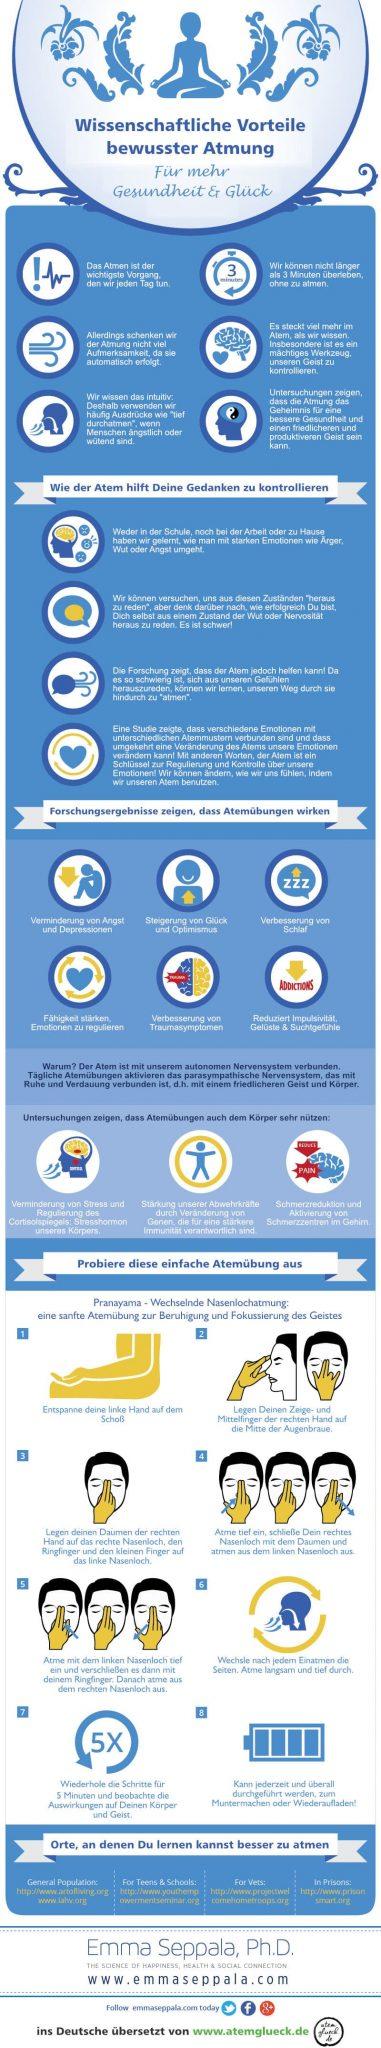 Wissenschaftliche Vorteile bewusster Atmung / Atemtherapie